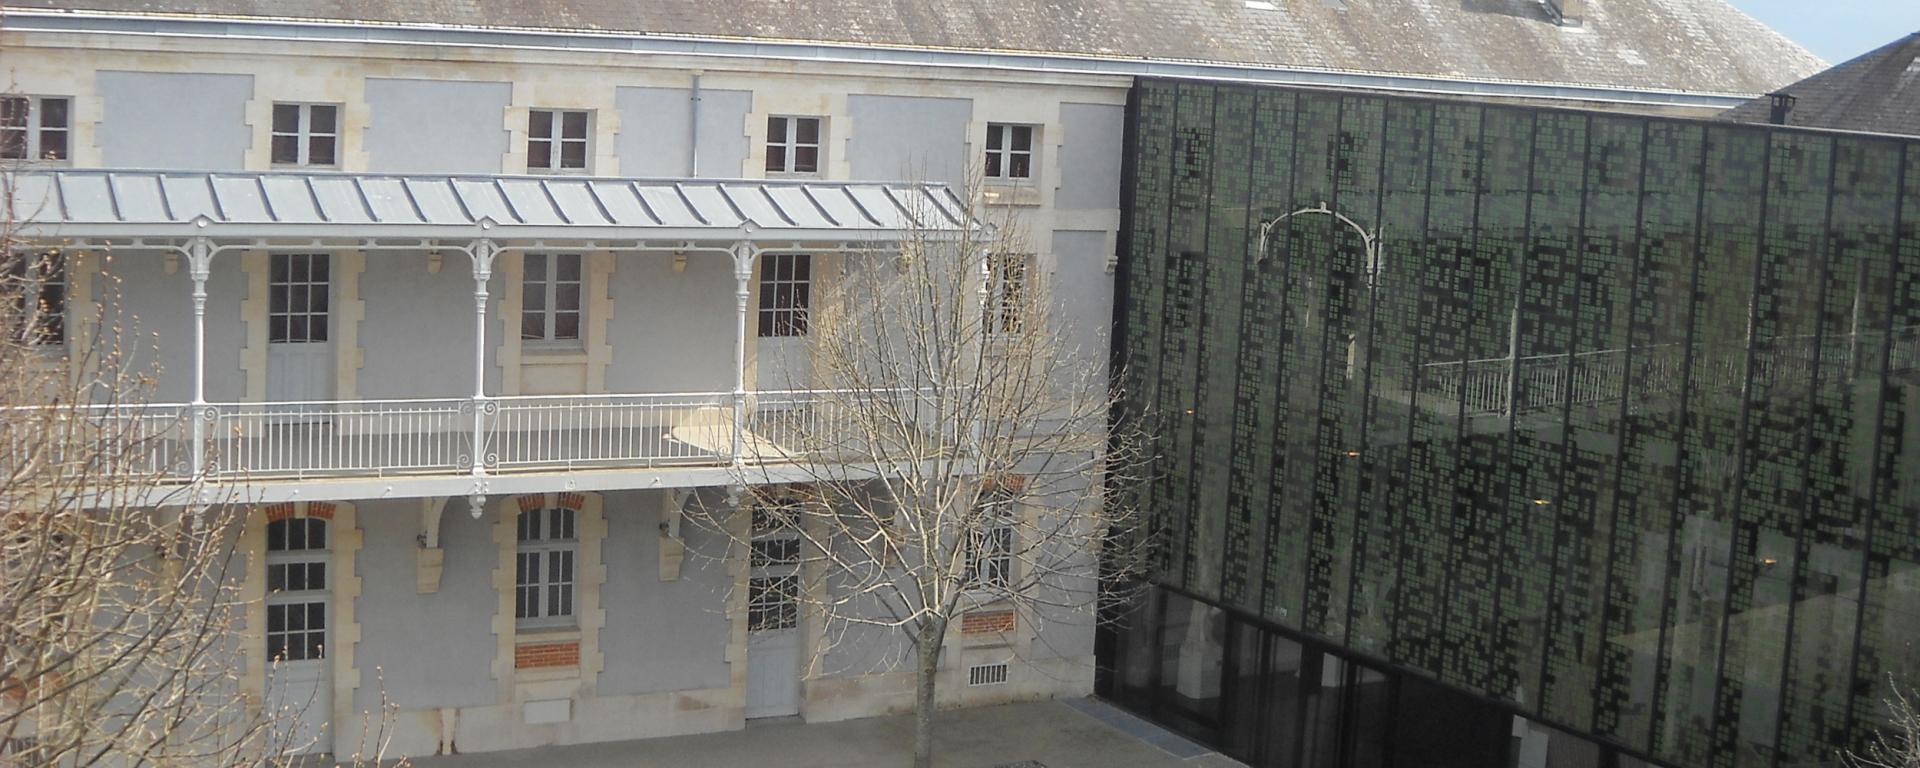 Musée Bernard d'Agesci - Niort [79]